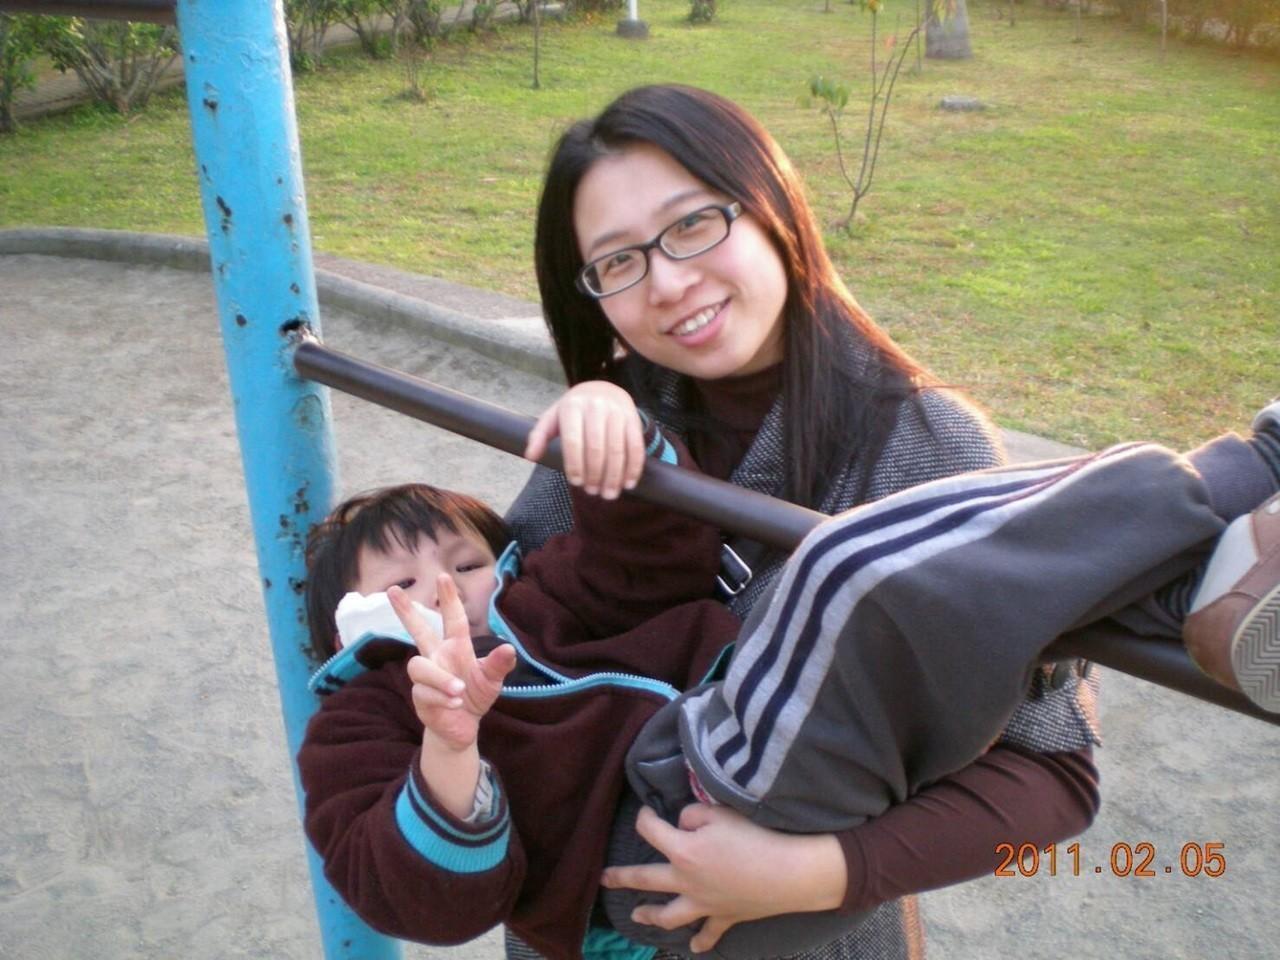 招吟媽媽透過肢體運動讓東東改善肢體障礙,今天獲頒家扶基金會自強母親。圖/家扶基金...